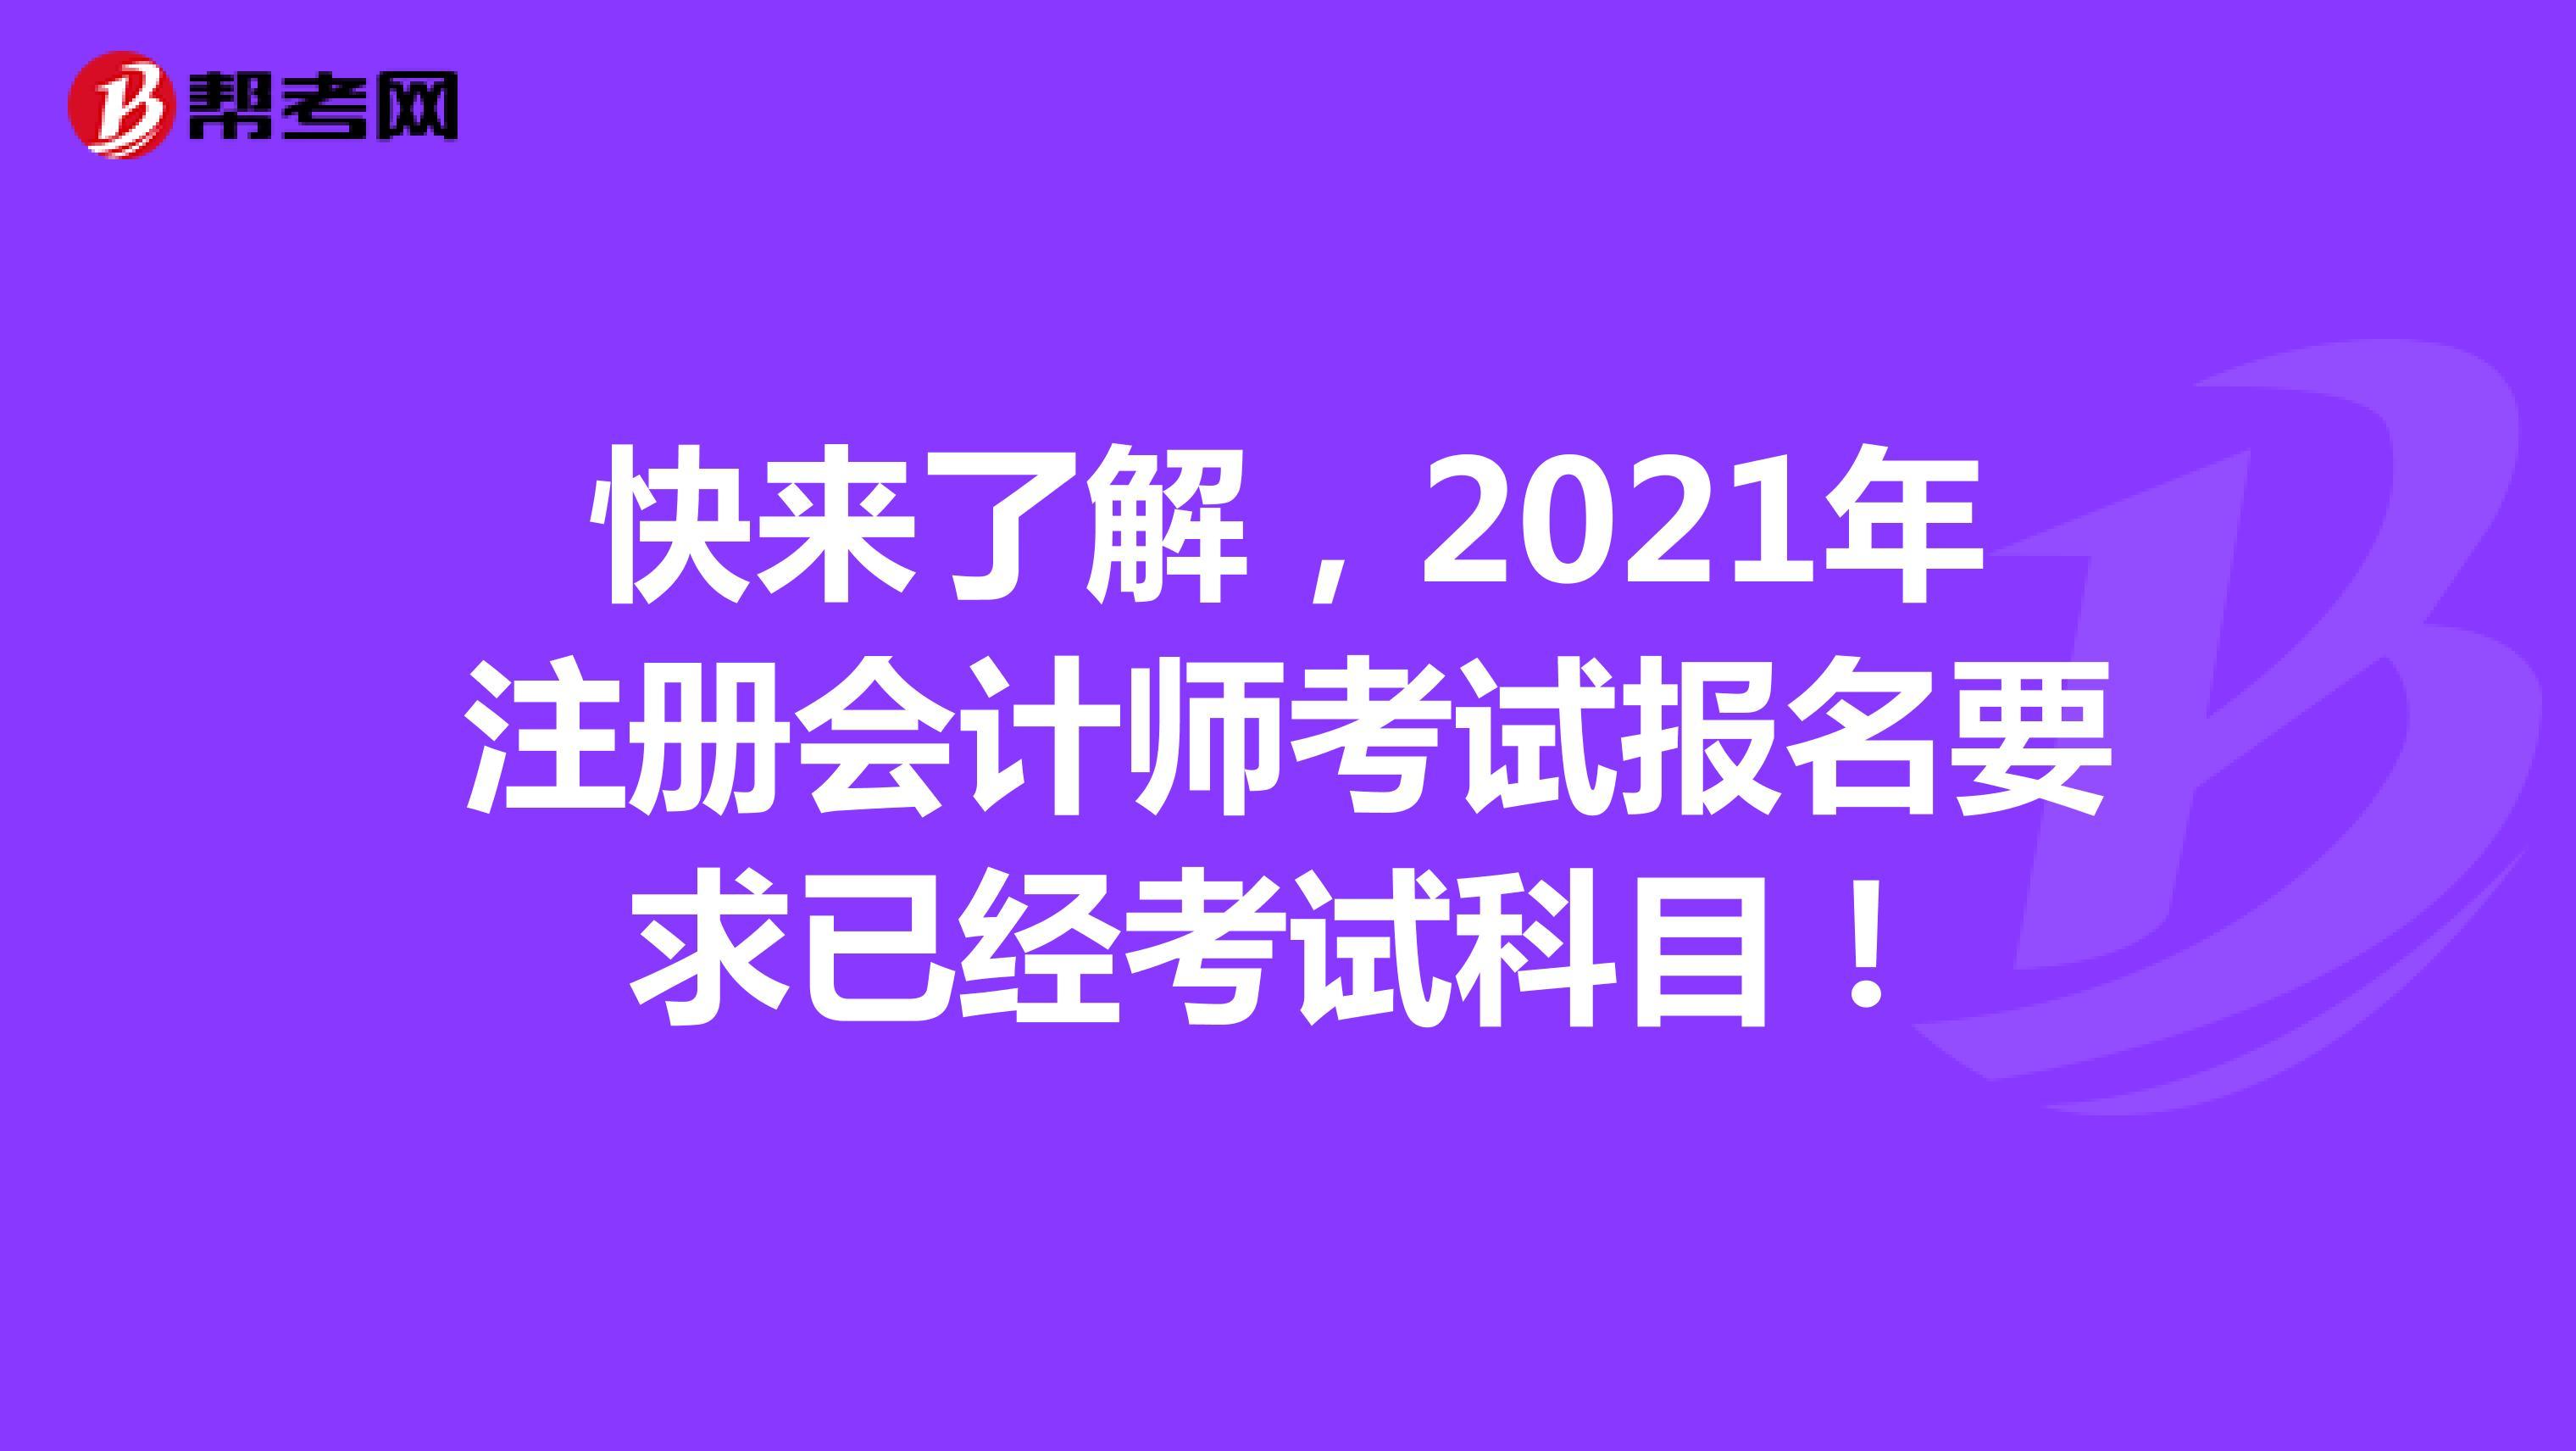 快来了解,2021年【hot88热竞技提款】注册会计师考试报名要求已经考试科目!